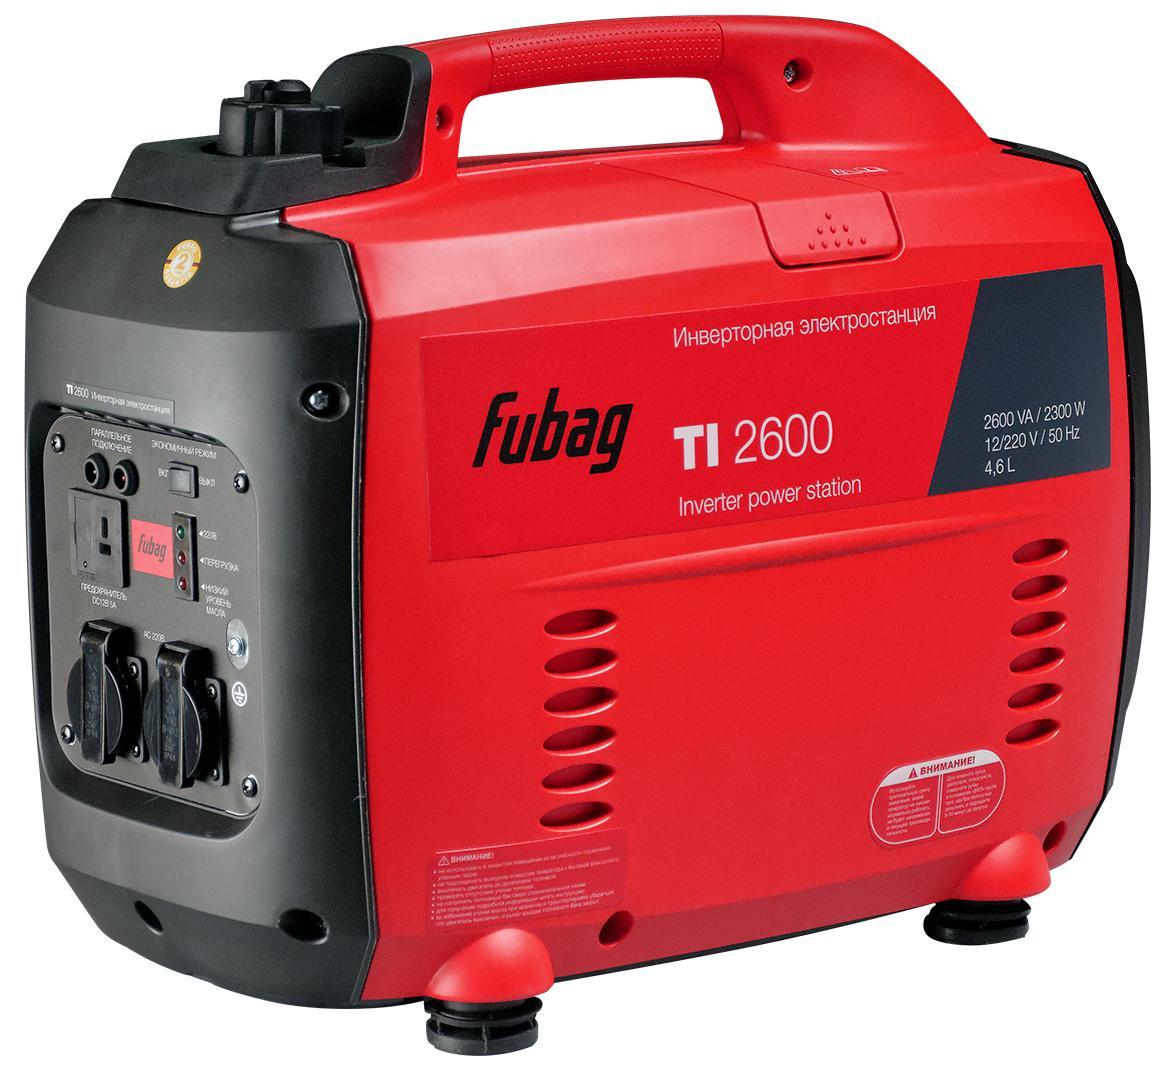 Инверторный бензиновый генератор Fubag Ti 2600 бензиновый генератор fubag ti 1000